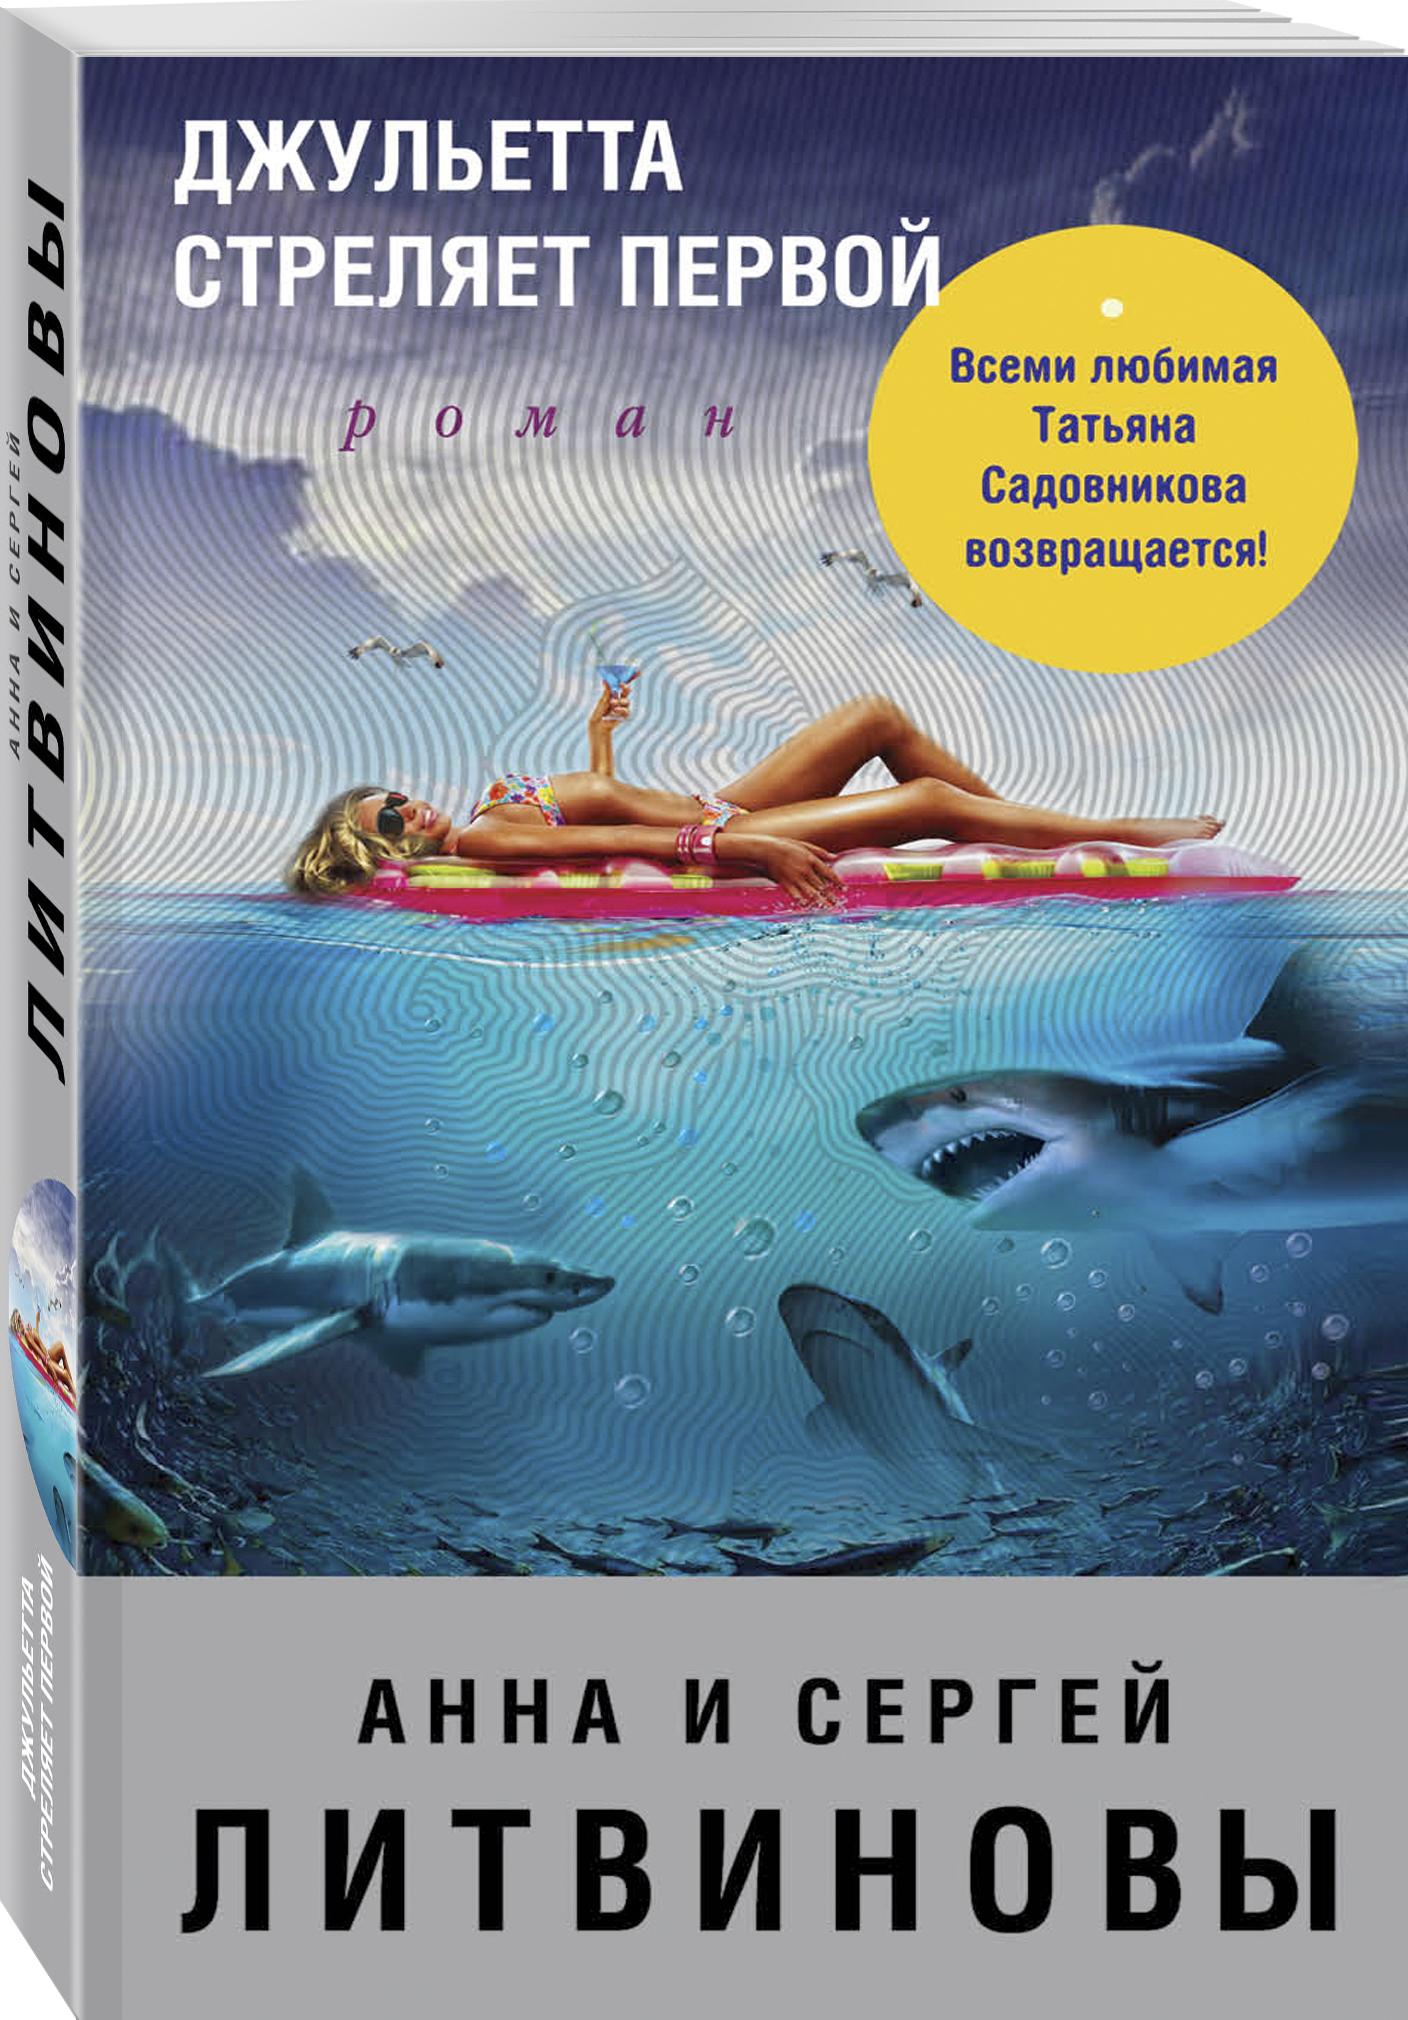 Анна и Сергей Литвиновы Джульетта стреляет первой